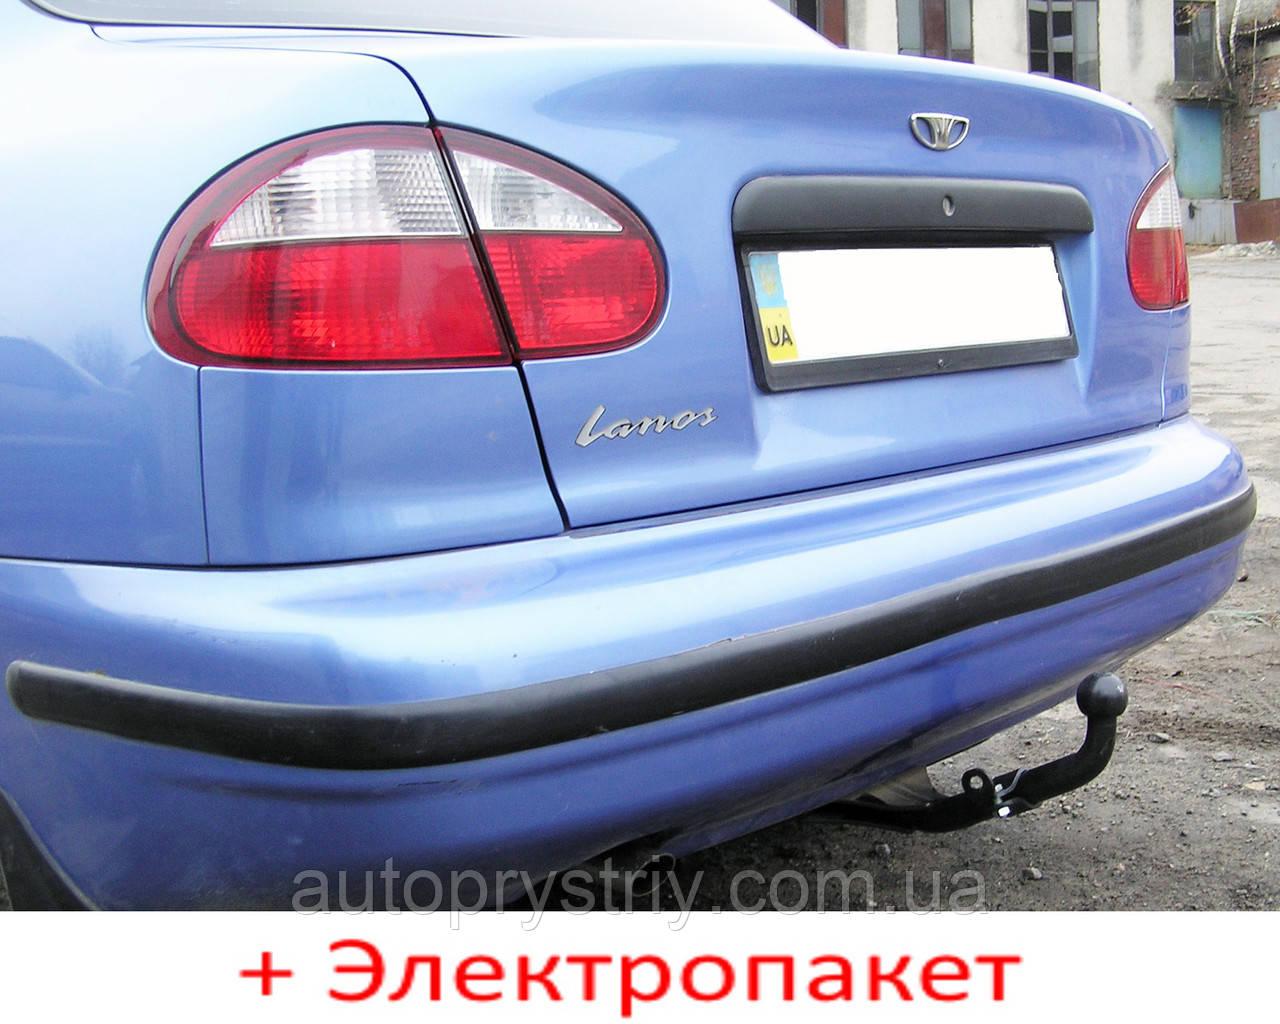 Фаркоп - Daewoo Lanos Седан/ PICK-UP включительно с ГБО (1997-2009) сварной усиленный